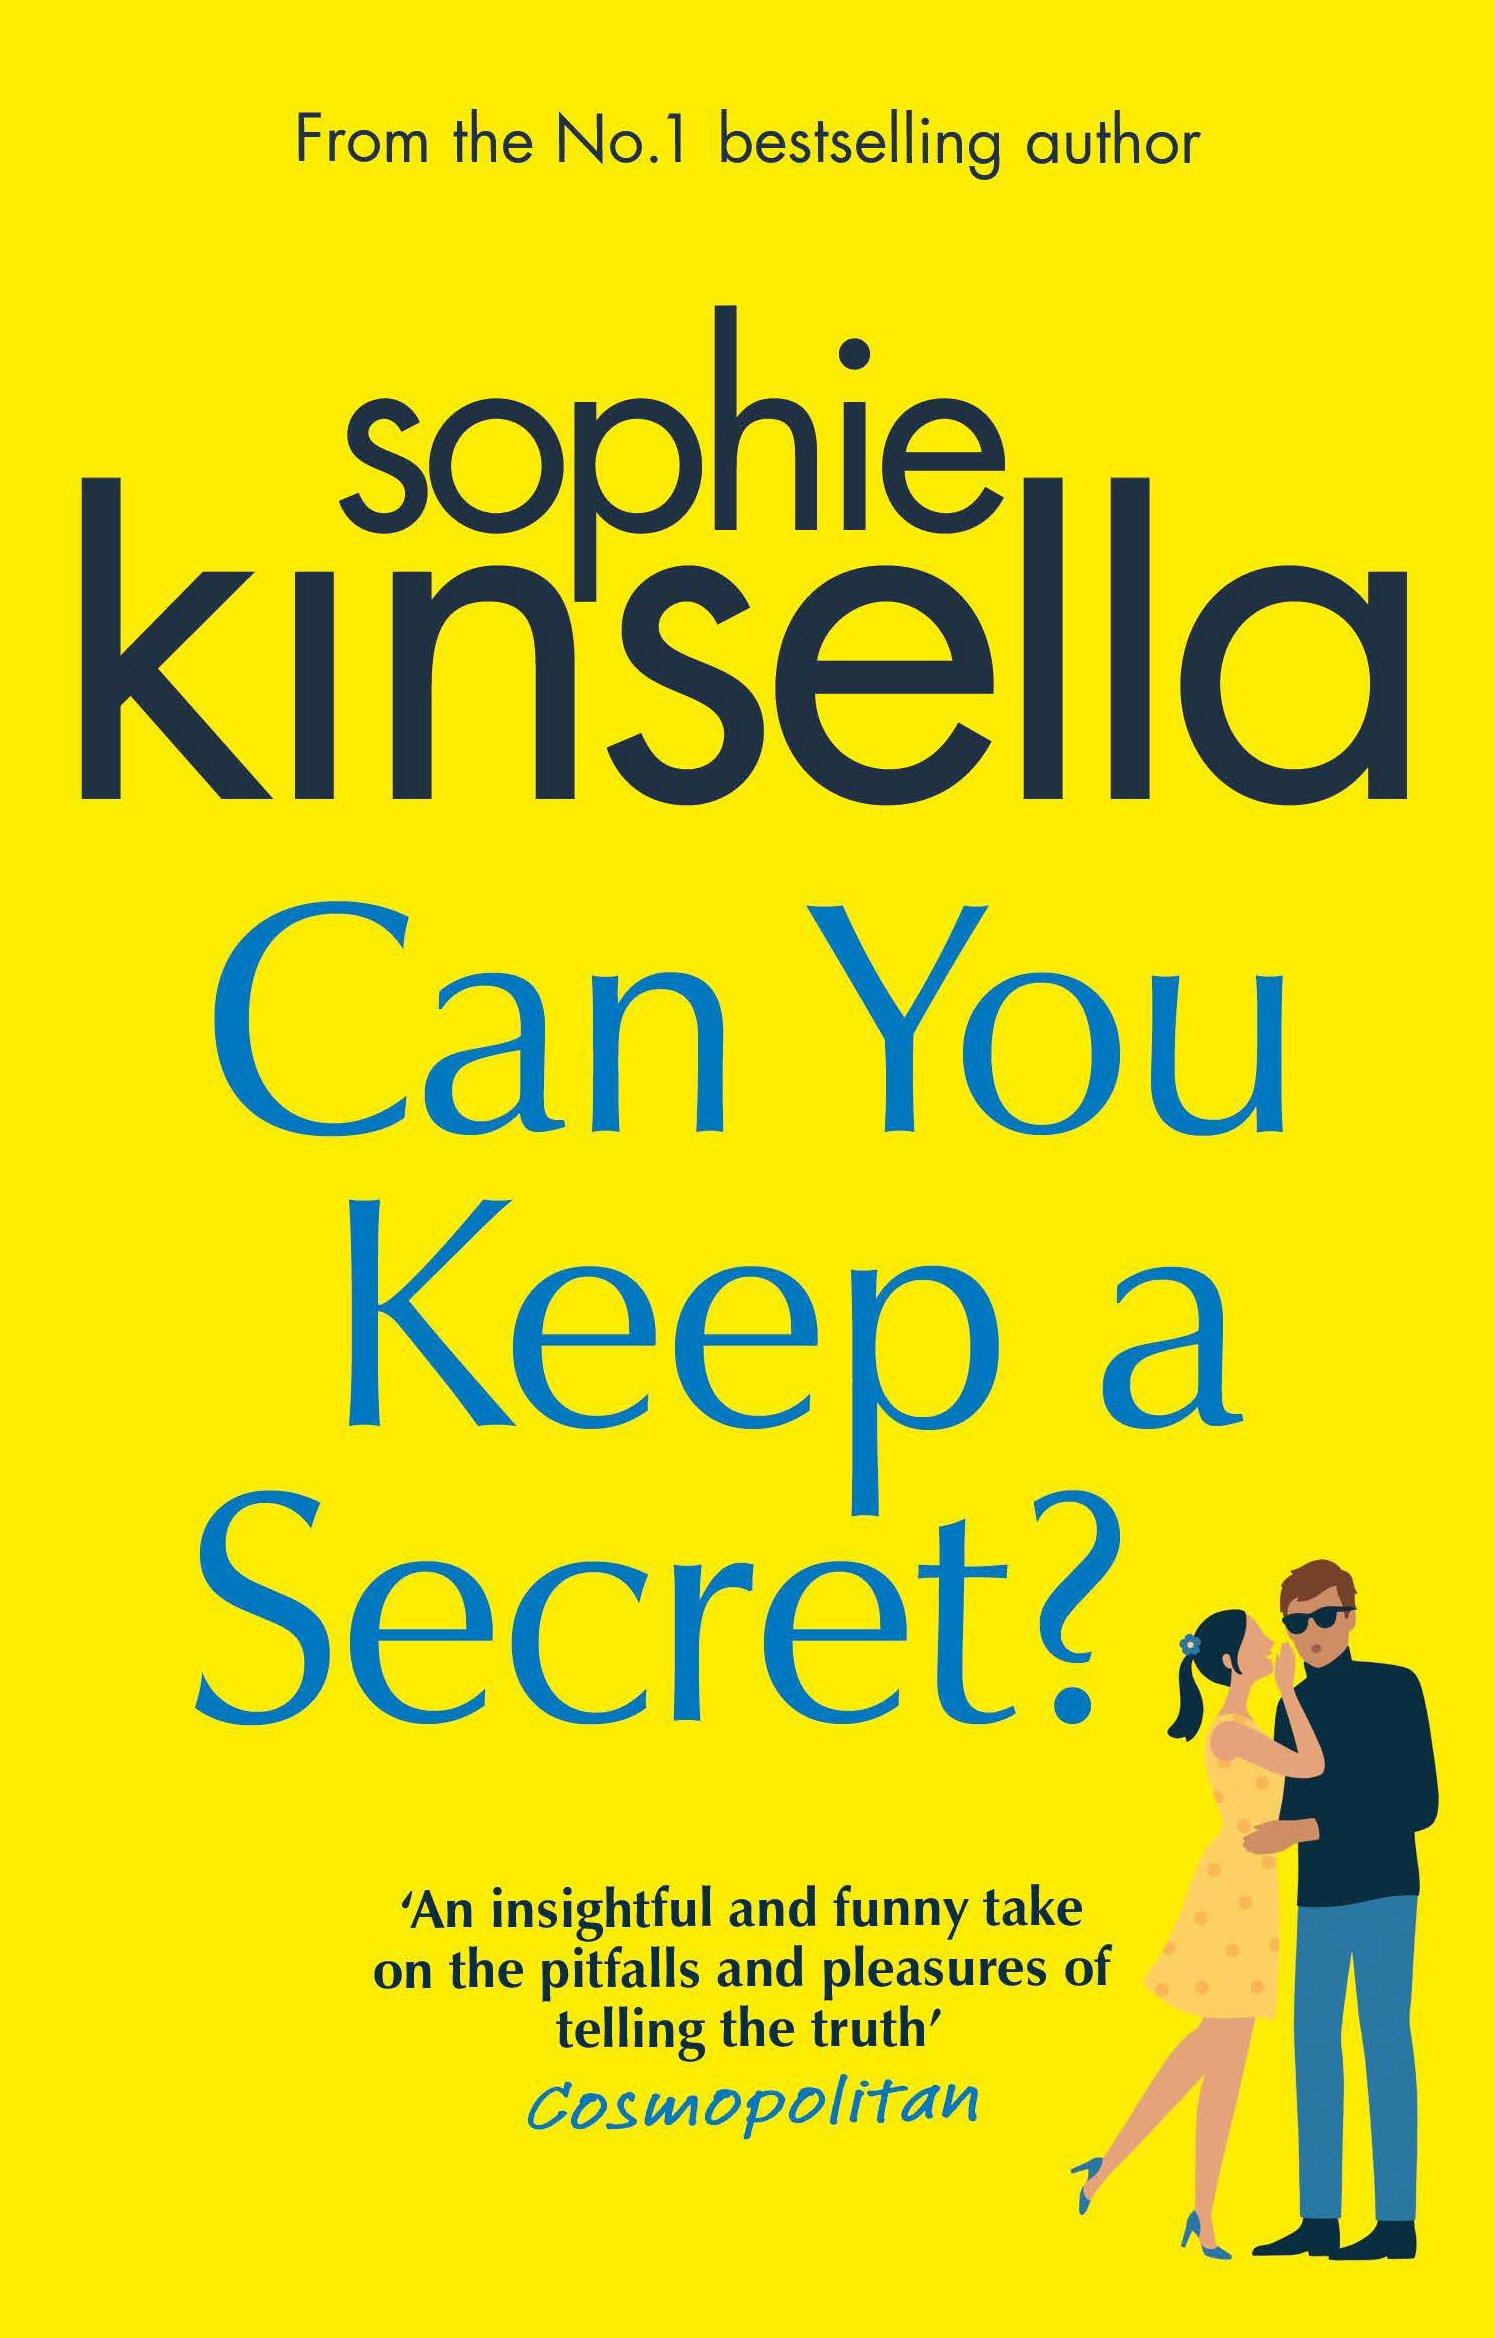 Can You Keep a Secret? - listen book free online